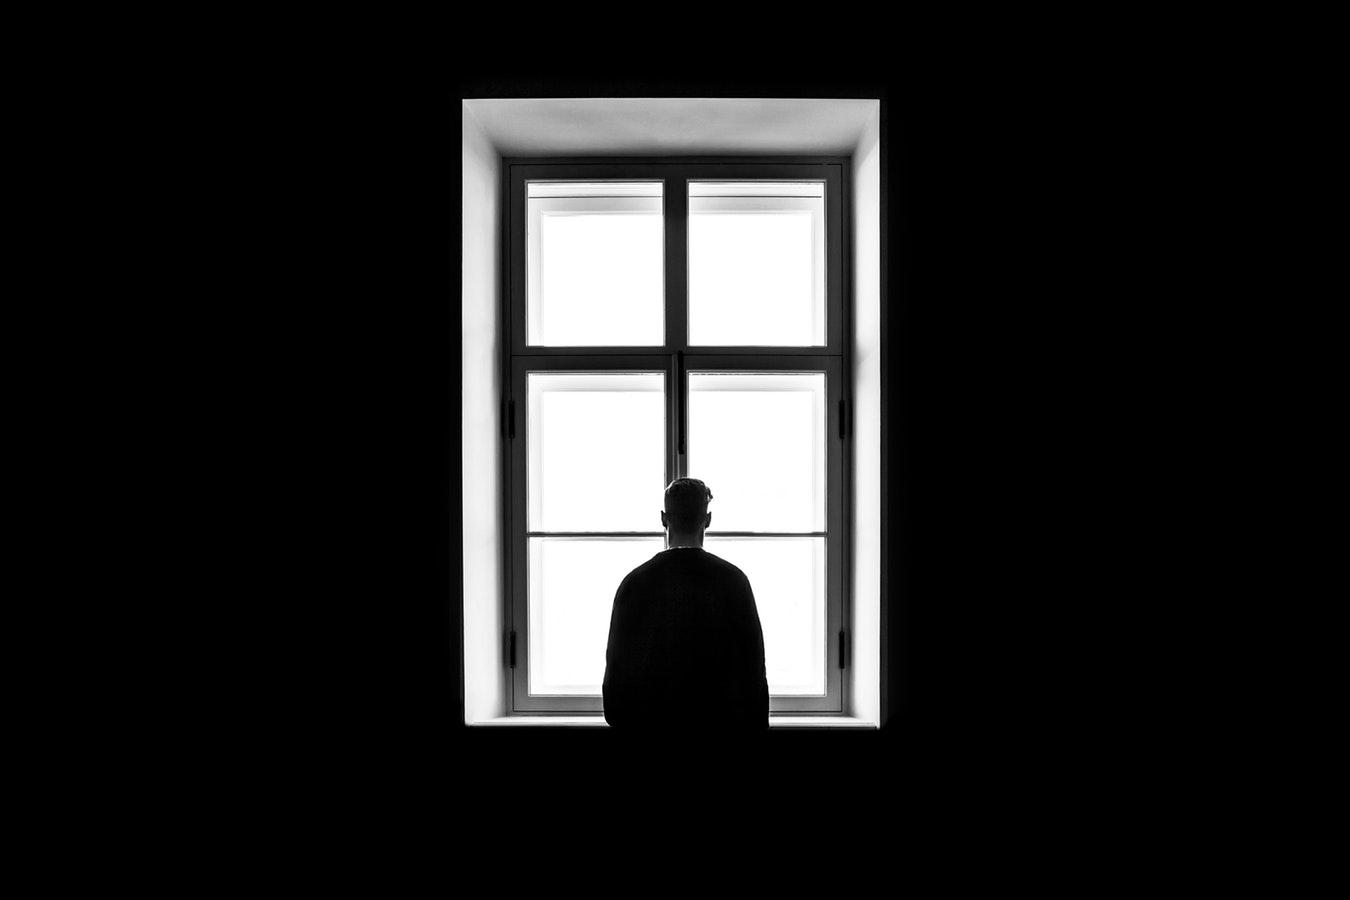 De ongelooflijke eenzaamheid van de slachtoffers